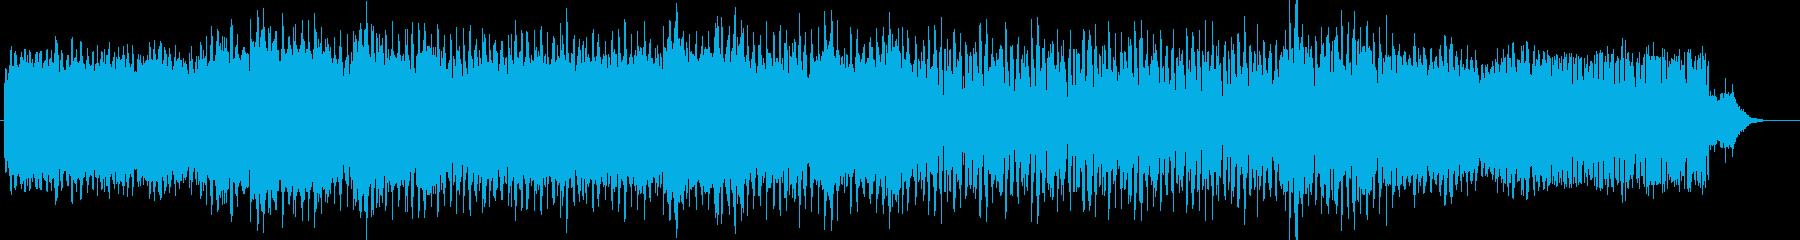 深海を進むようなエレクトロサウンドの再生済みの波形